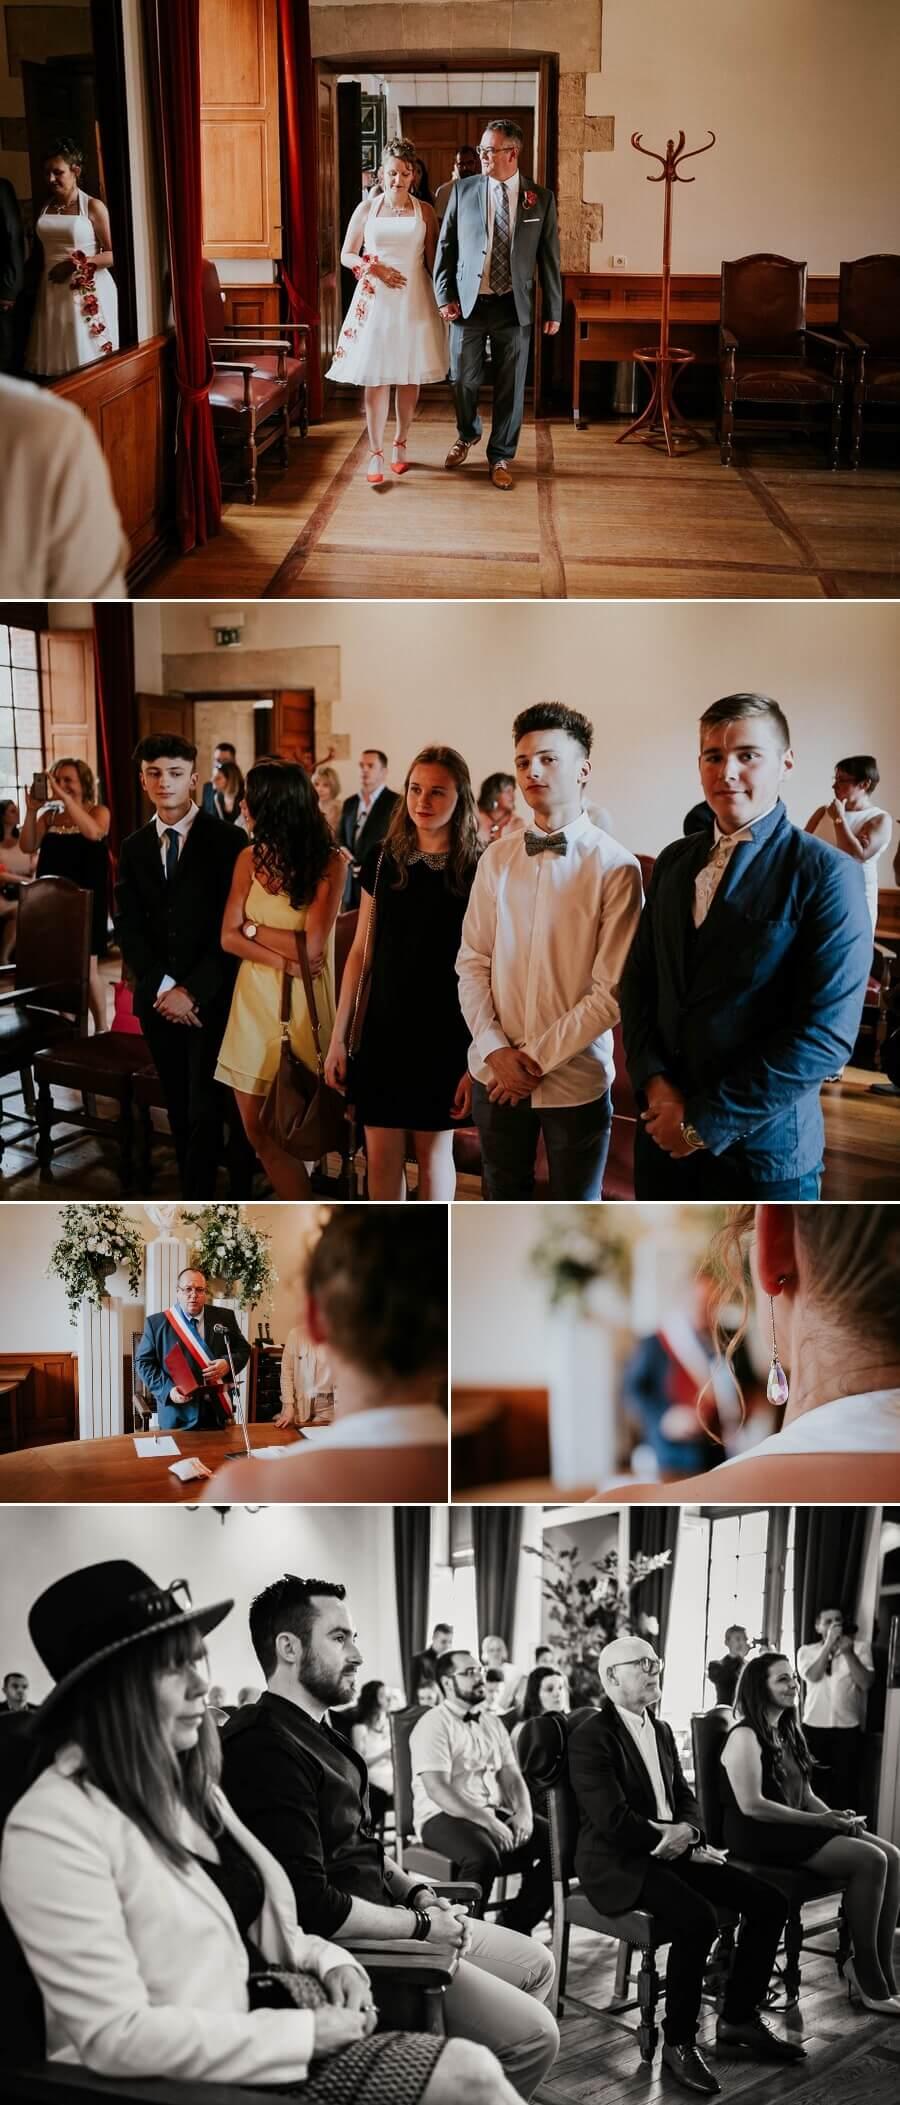 photos de mariage mairie photographe chartres